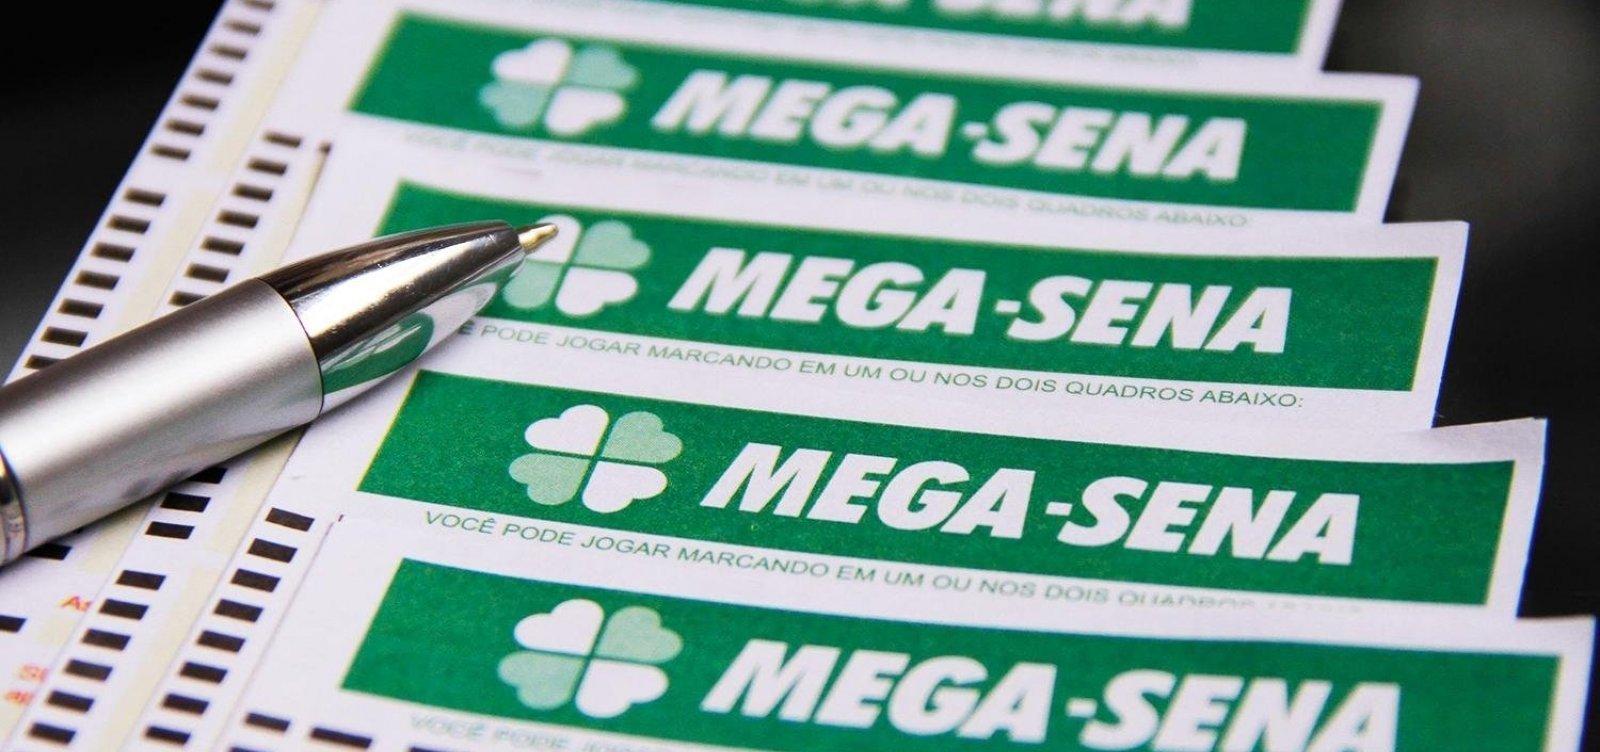 [Mega-Sena: sem ganhadores, prêmio acumula em R$ 42 milhões]